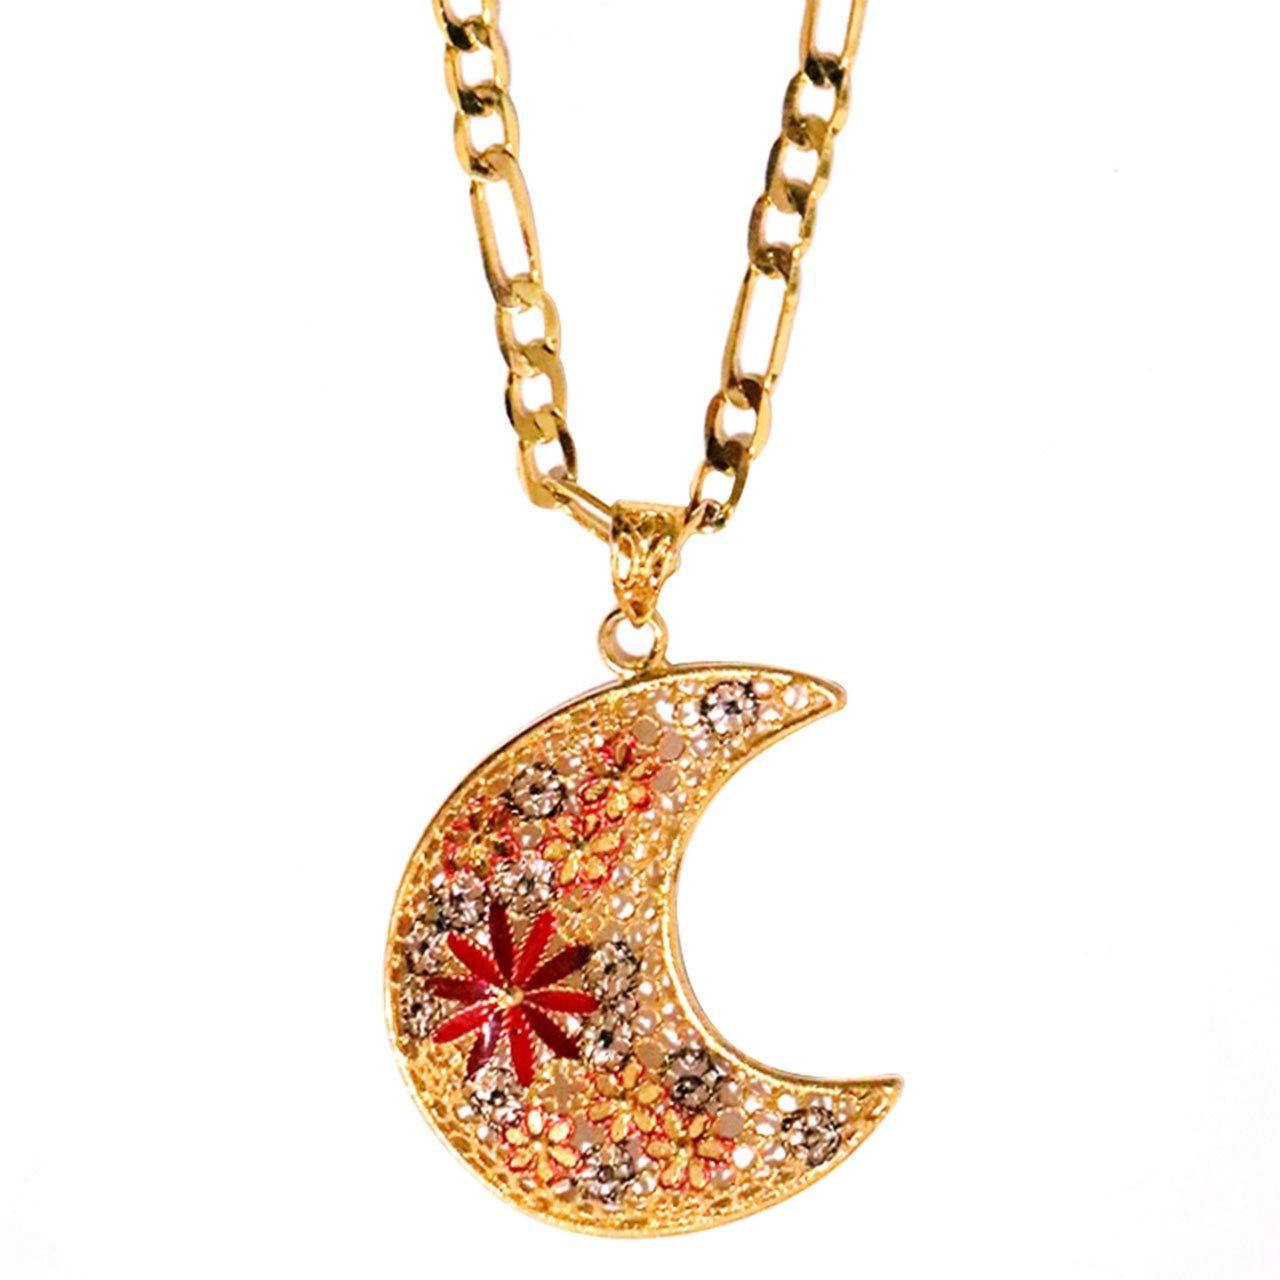 گردنبند شیک کده مدل ماه -  - 1